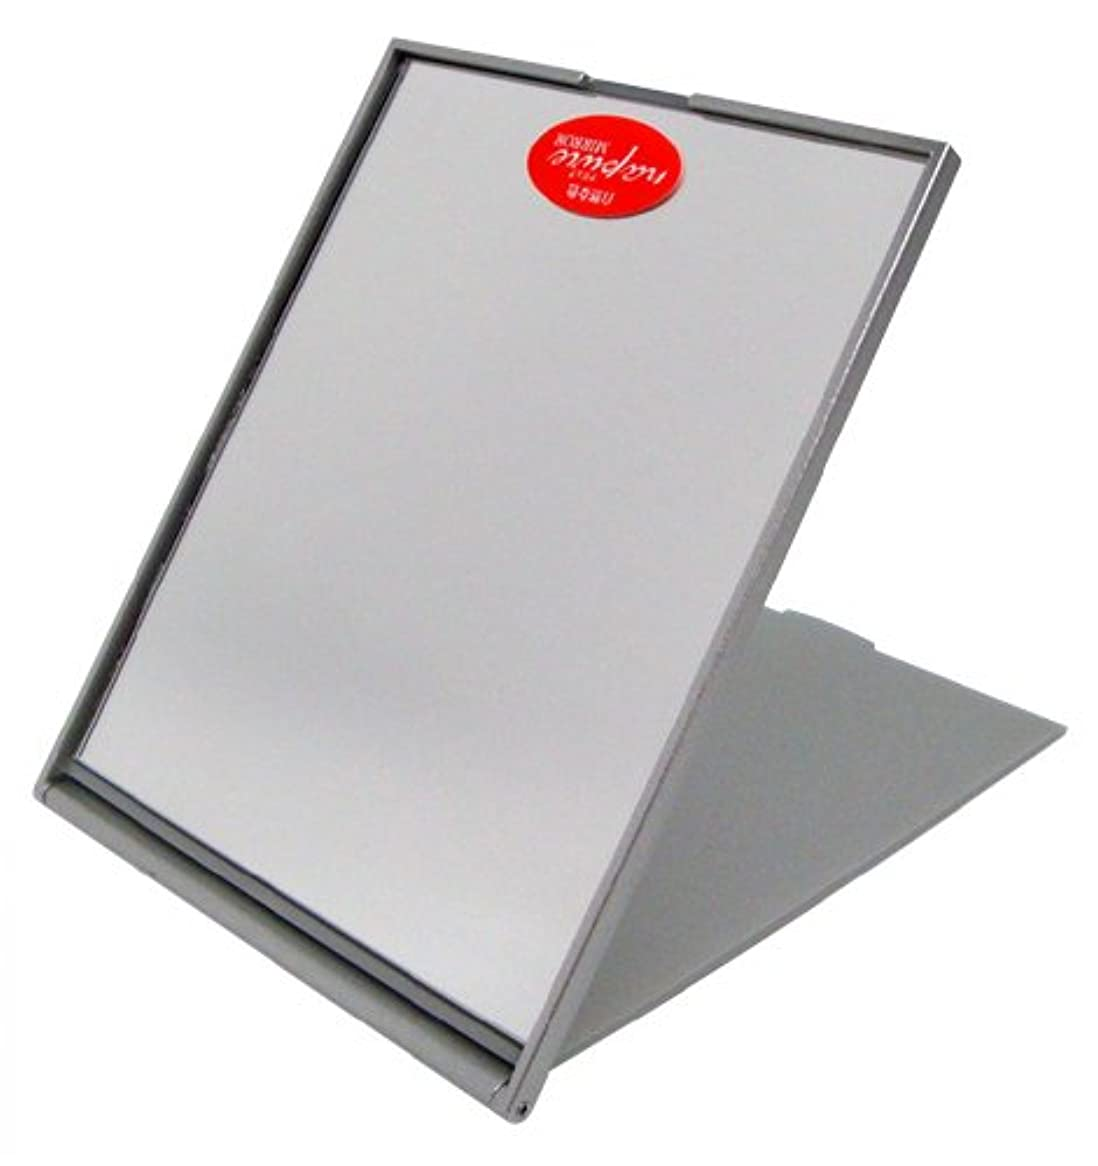 上級ペン過ちナピュア スリム&ライトコンパクトミラー(M) メタリックシルバー